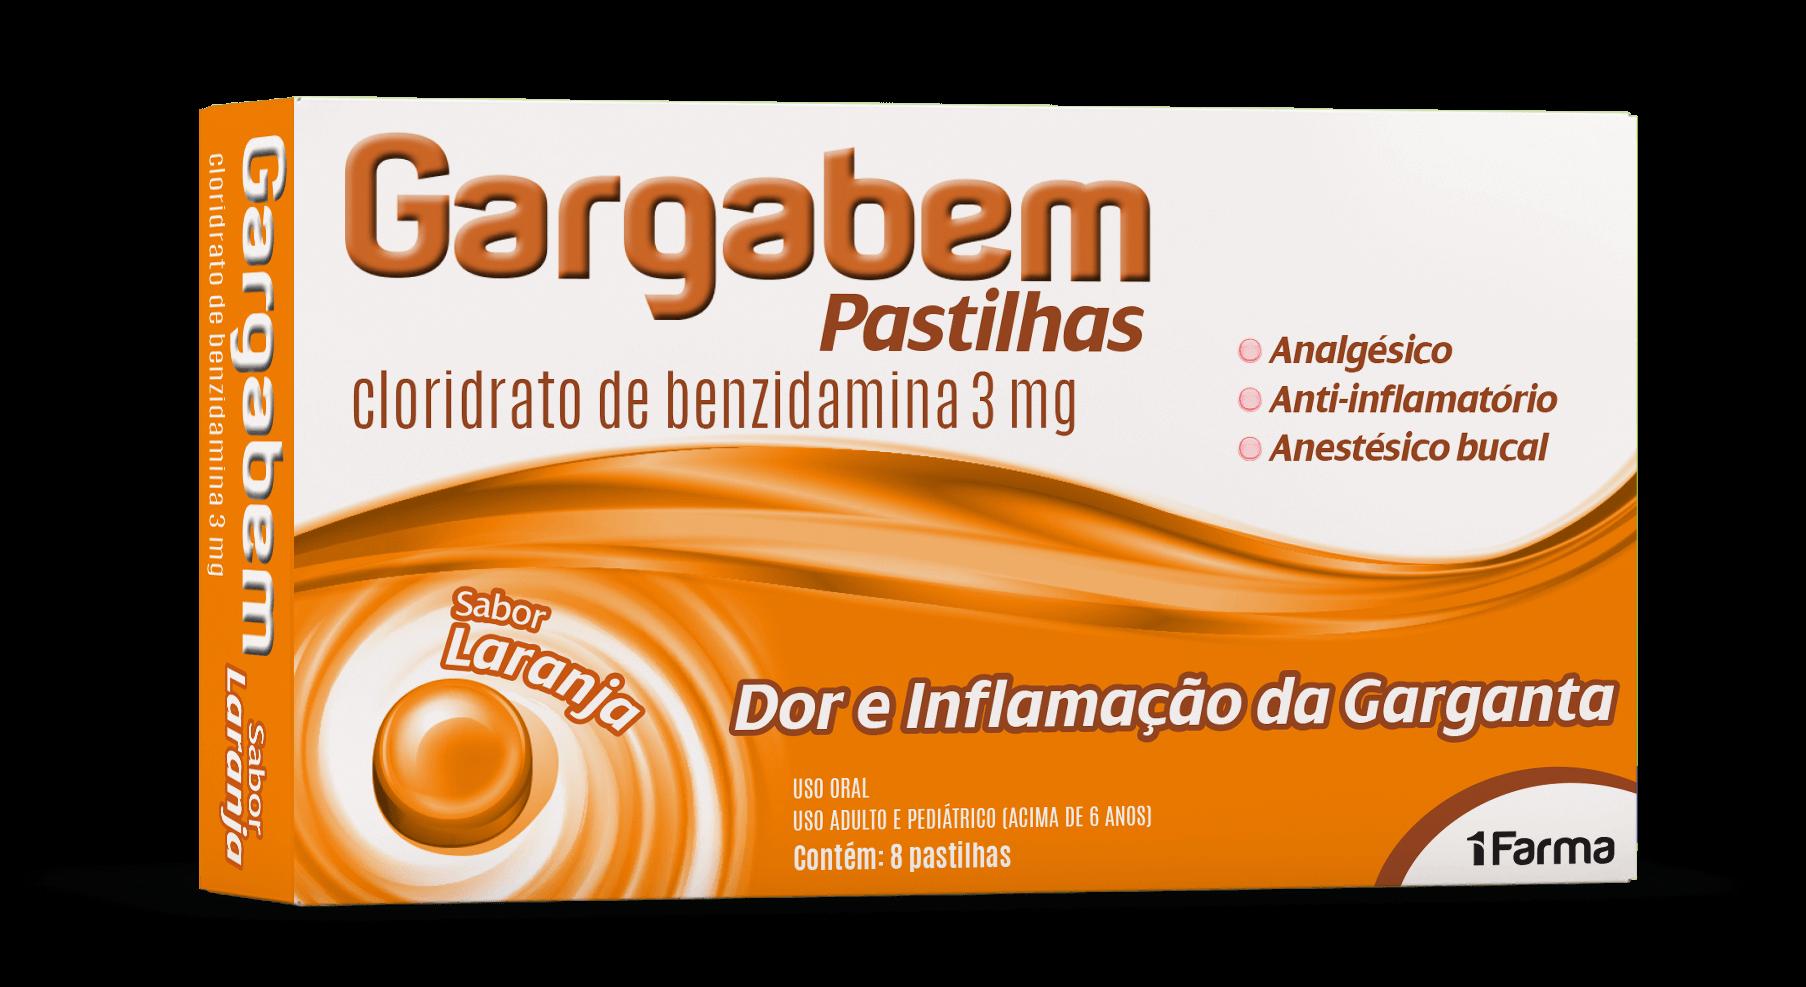 Imagem da embalagem do Gargabem Pastilhas Laranja.